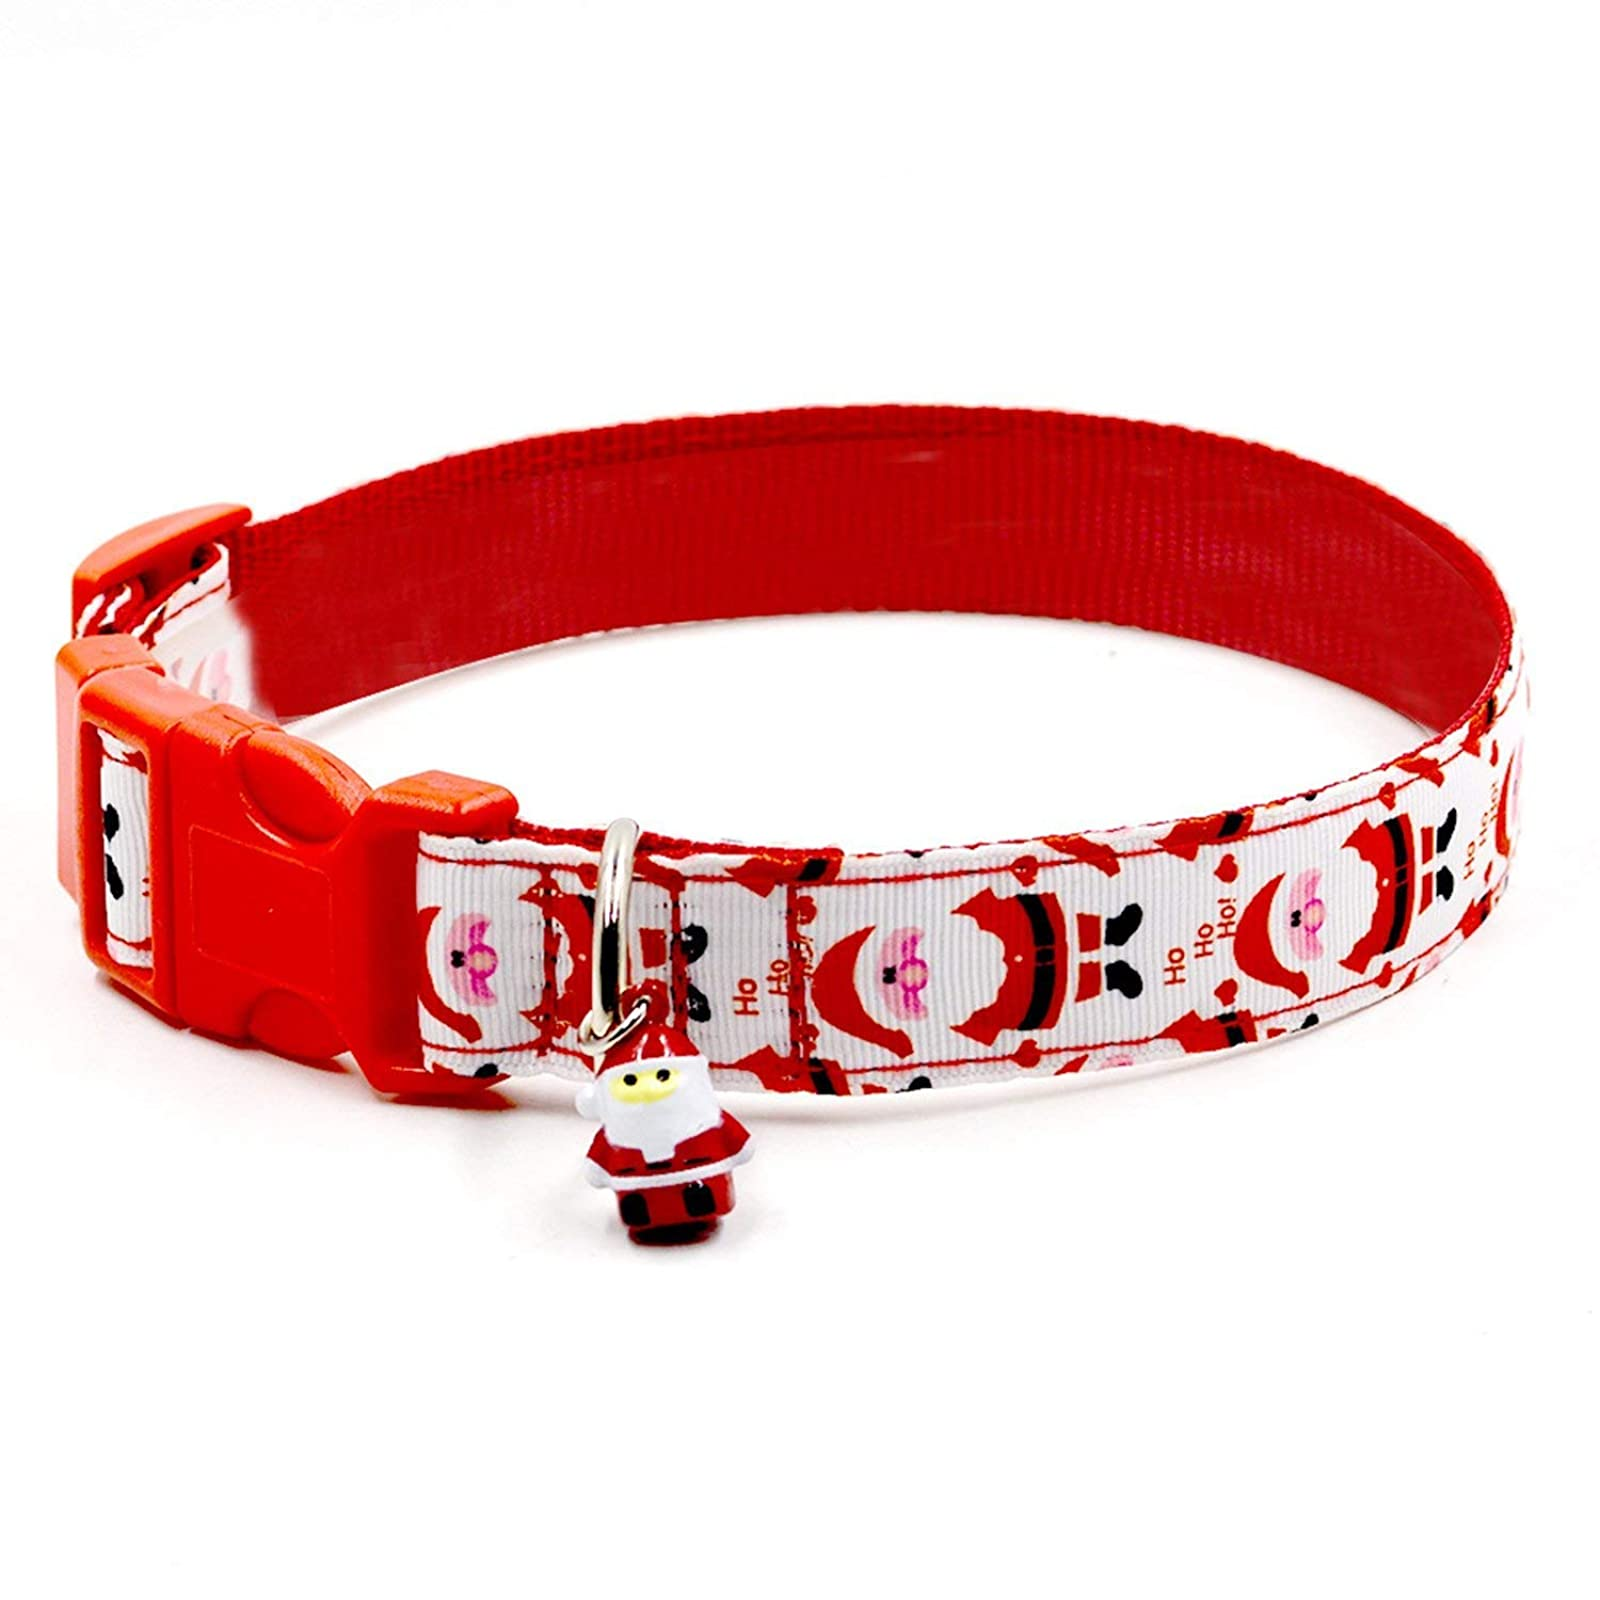 RYPET Christmas Dog Collar and Leash - Santa - 3